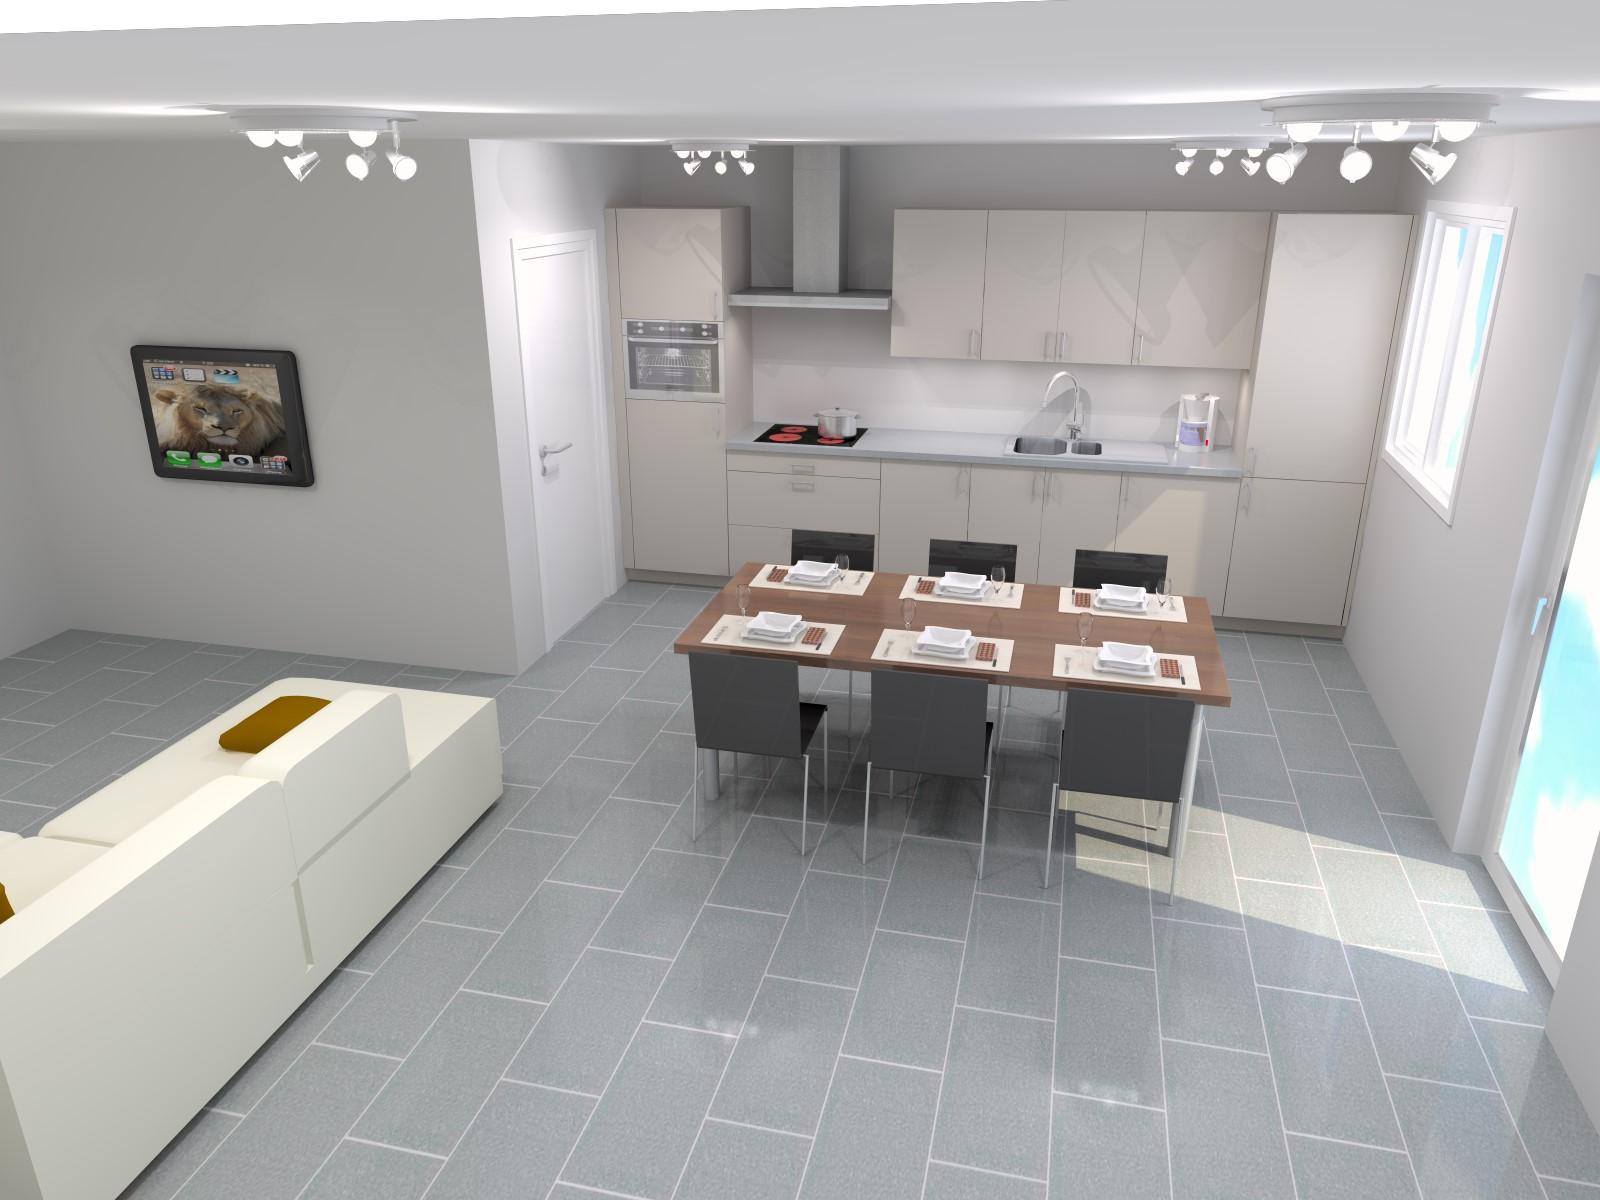 Keuken Bar Muur : Mc creaties moderne en landelijke keukens keuken rechte muur